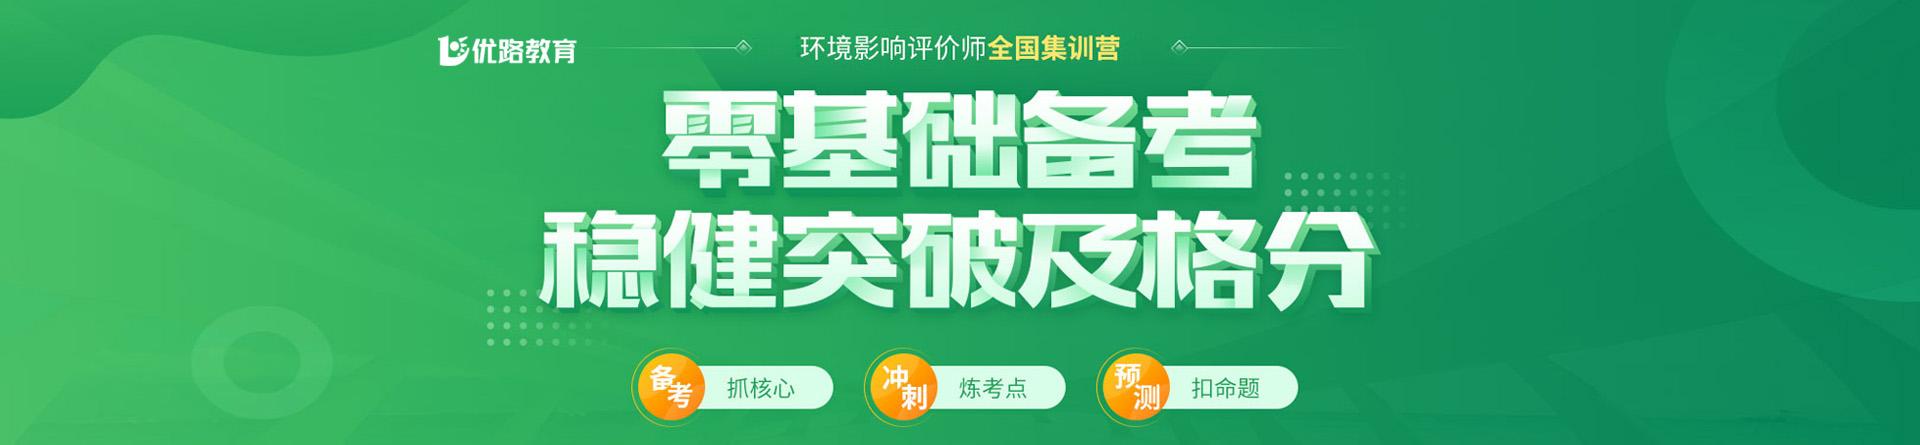 湖南永州优路教育培训学校